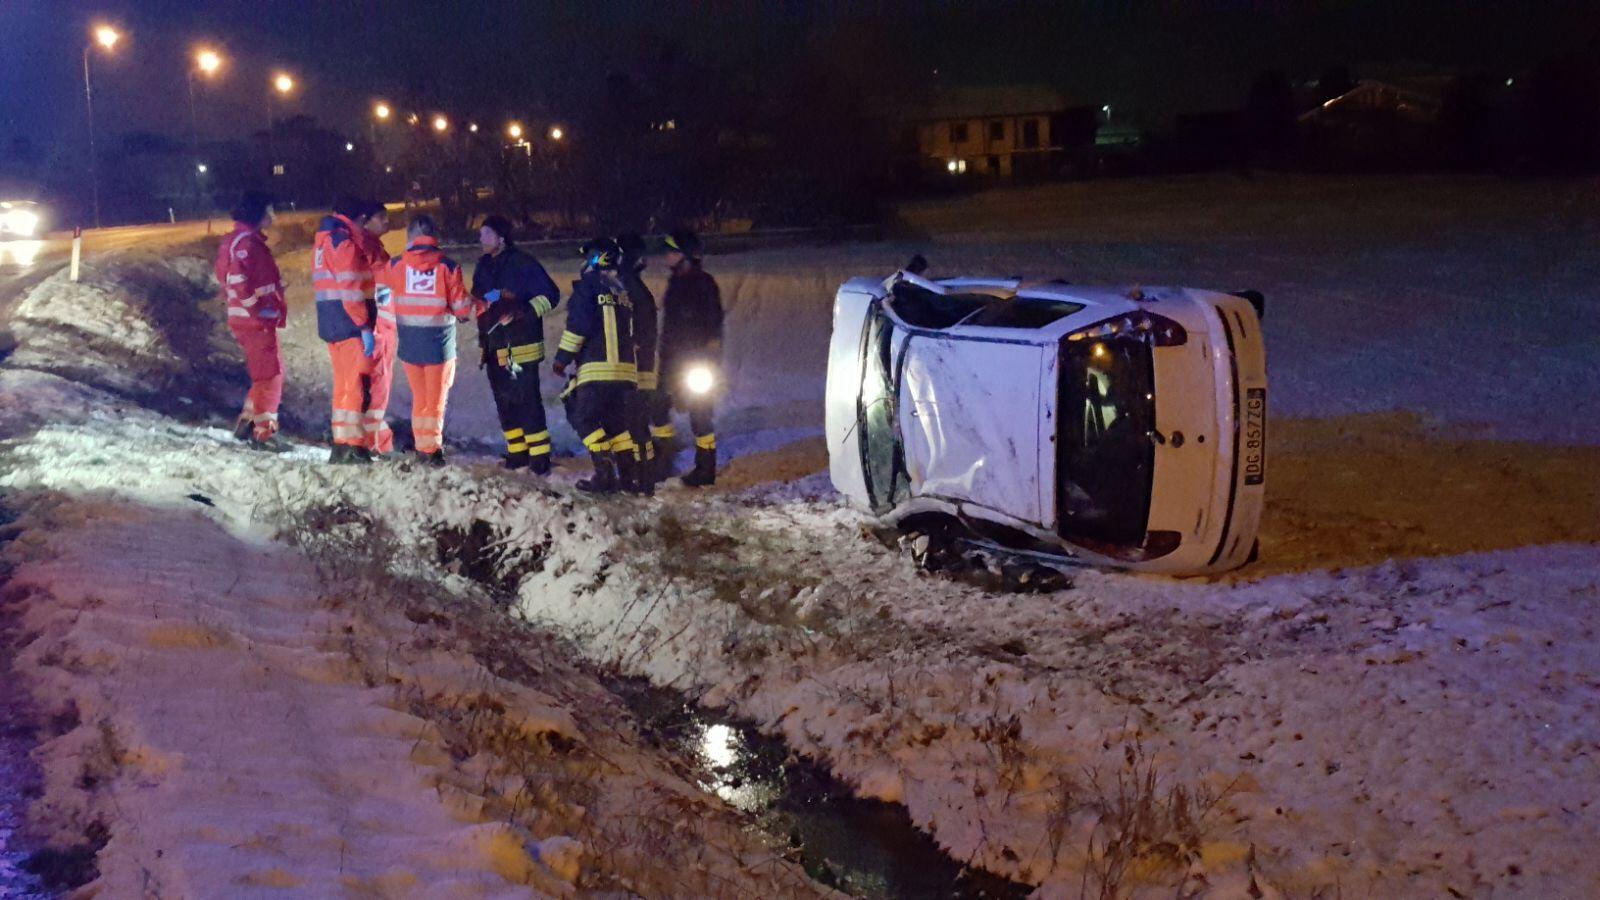 FELETTO - Ancora un incidente stradale sulla 460: giallo sull'autista